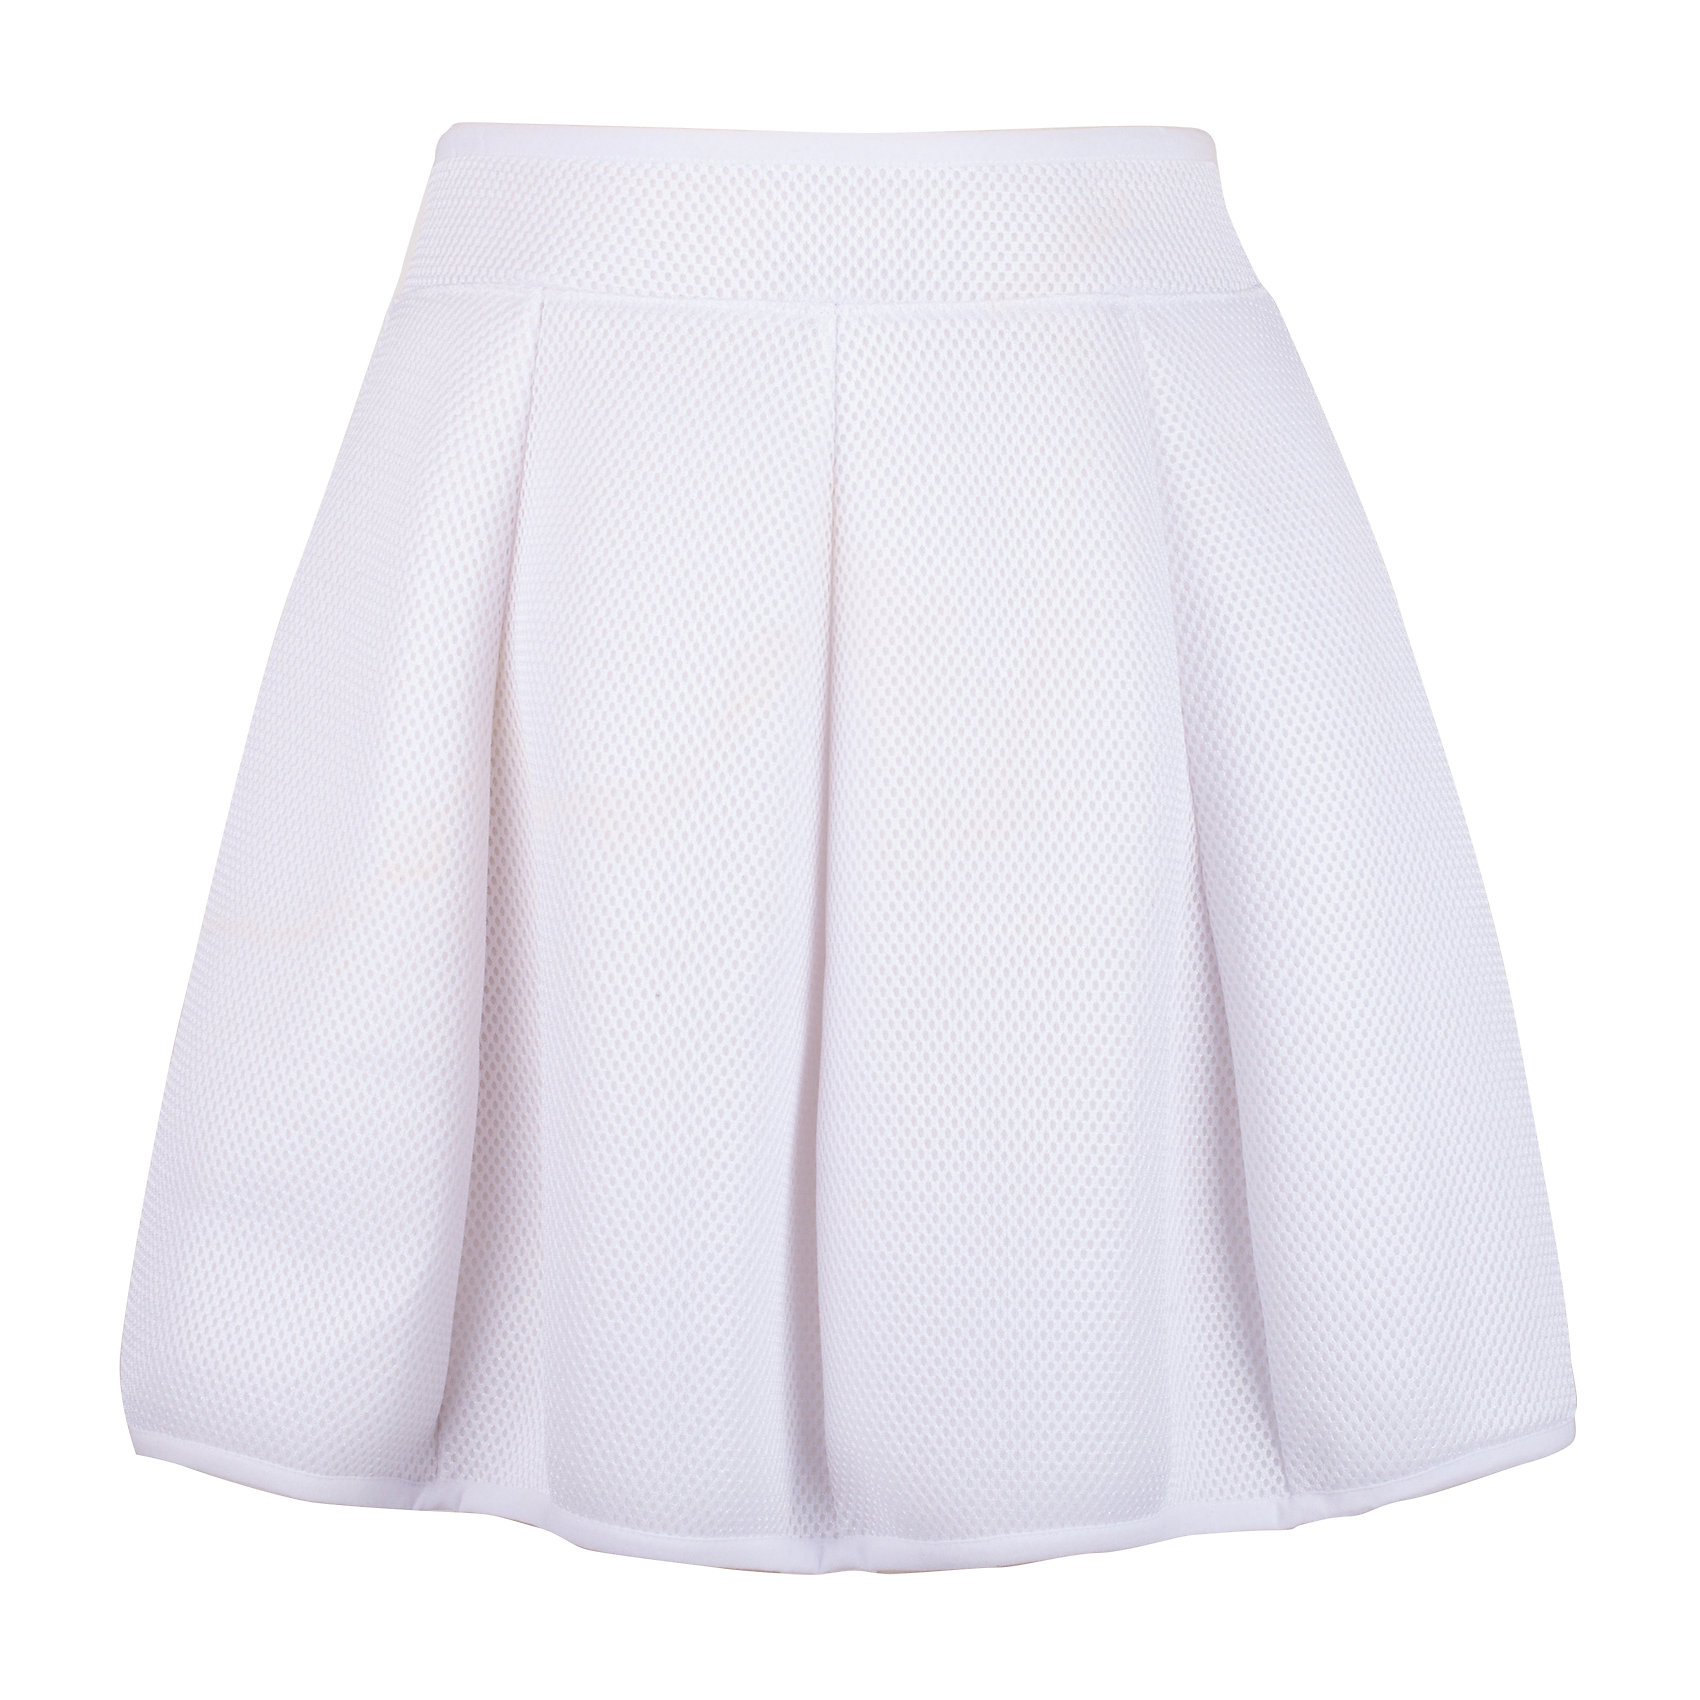 Юбка для девочки GulliverЮбки<br>Белая юбка для девочки из модного неопрена - прекрасный вариант для тех, кто хочет быть в тренде. Юбка прекрасно держит форму и выглядит оригинально благодаря фактурной сетчатой поверхности. Белая юбка - вещь совершенно универсальная. С любой футболкой, джемпером, ветровкой, она будет смотреться ярко, создавая элегантный образ в спортивном стиле. Если вы хотите приобрести что-то новое, интересное, необычное, вам стоит купить белую юбку из неопрена. Оригинальная, необычная и в то же время очень удобная, комфортная вещь зарекомендует себя с лучшей стороны и во время городских прогулок, и в путешествии. Небольшой функциональный акцент - серебристая крупная молния сзади подчеркивает актуальность модели.<br>Состав:<br>50% хлопок      50% модал /100% полиэстер<br><br>Ширина мм: 207<br>Глубина мм: 10<br>Высота мм: 189<br>Вес г: 183<br>Цвет: белый<br>Возраст от месяцев: 156<br>Возраст до месяцев: 168<br>Пол: Женский<br>Возраст: Детский<br>Размер: 164,146,152,158<br>SKU: 5483069